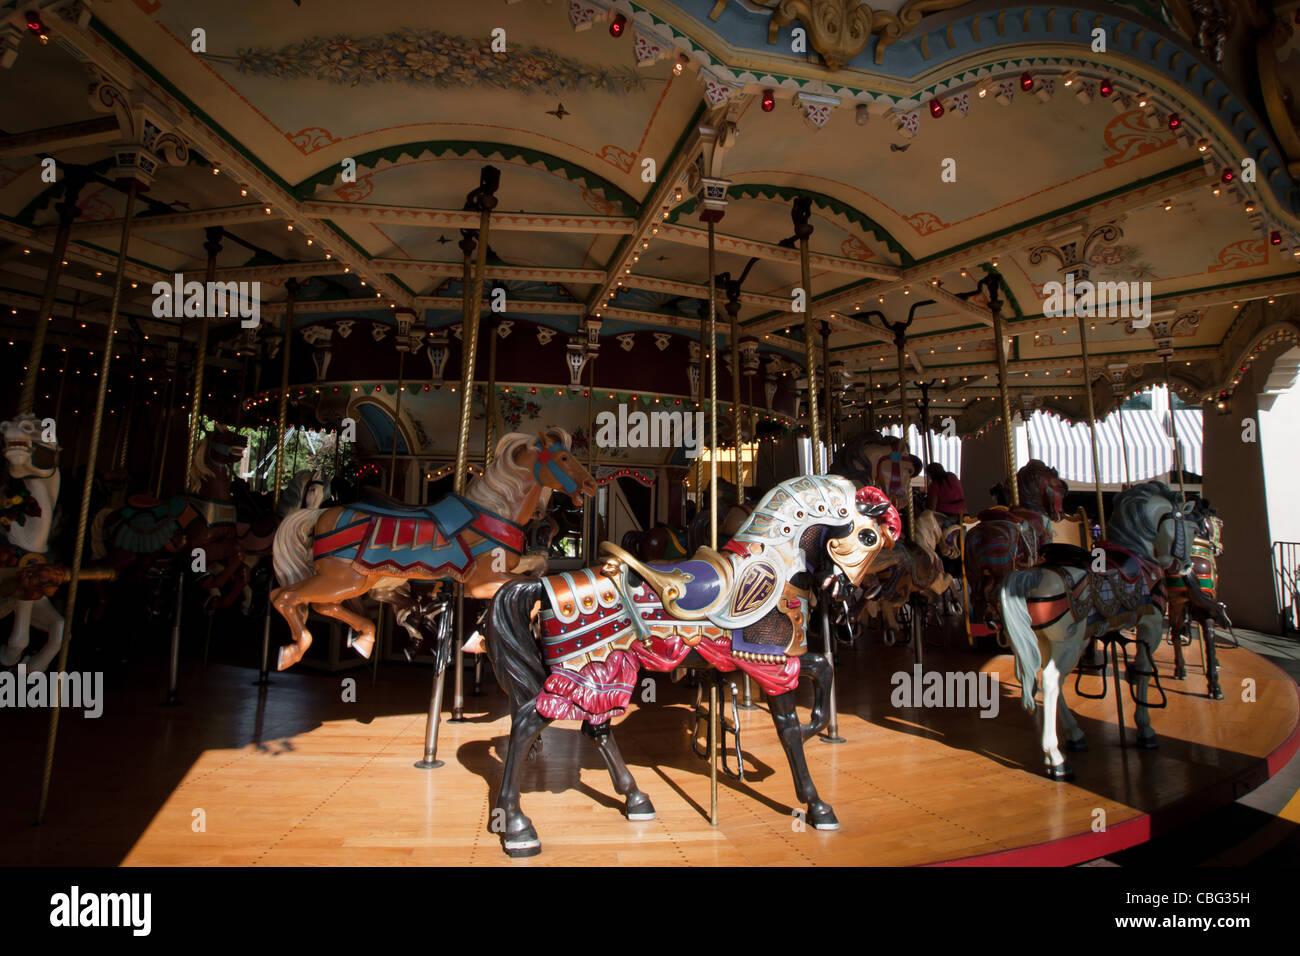 Carousel Elitch Gardens Theme Park Stock Photos & Carousel Elitch ...